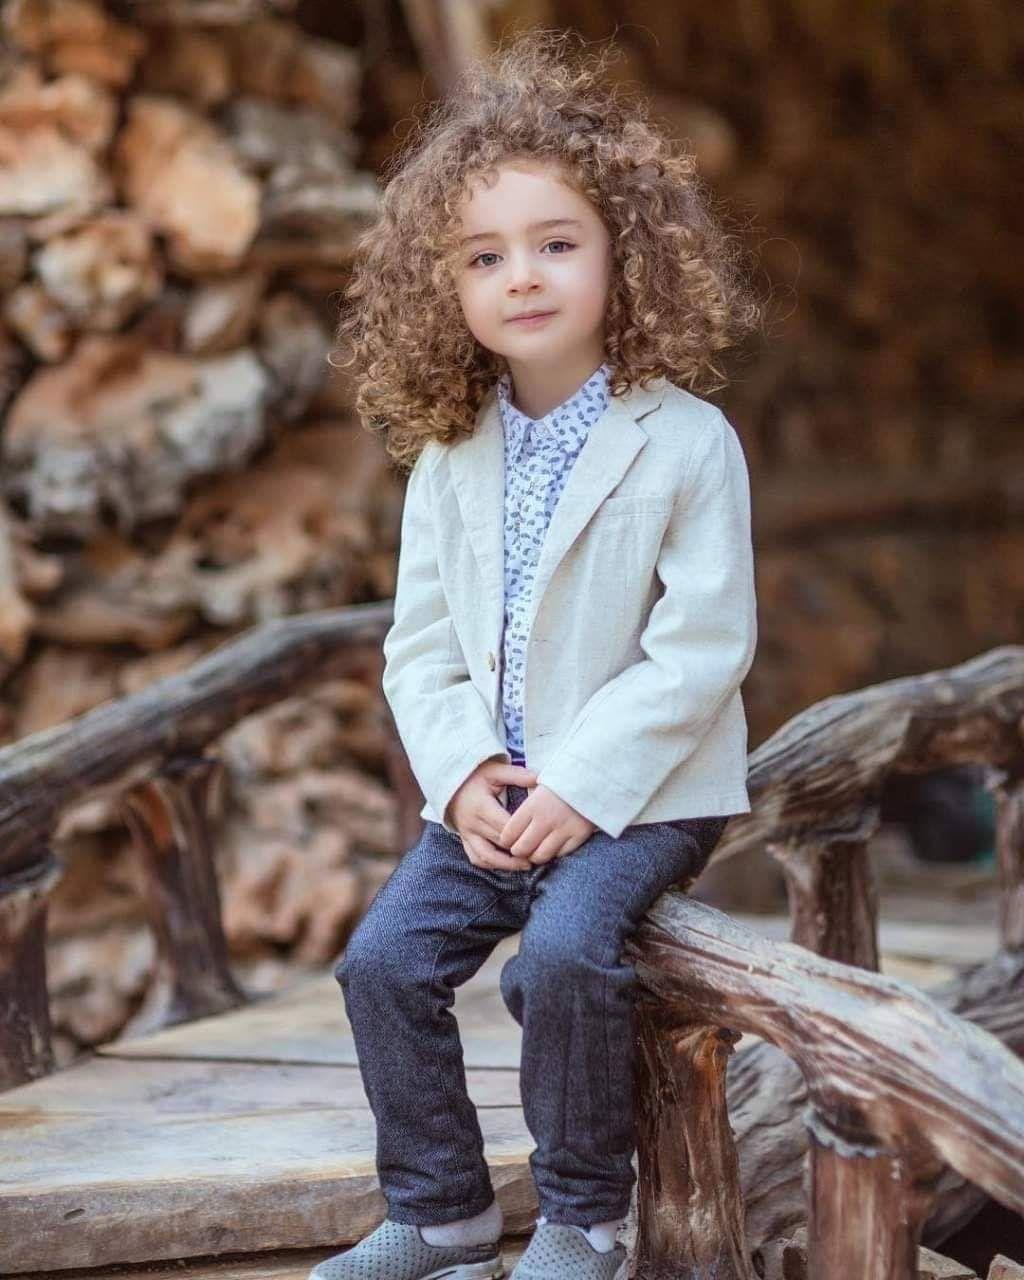 الطفل الكردي اريوس ارام اختير ك أجمل طفل في كردستان العراق Cute Baby Girl Pictures Cute Baby Girl Images Baby Girl Pictures